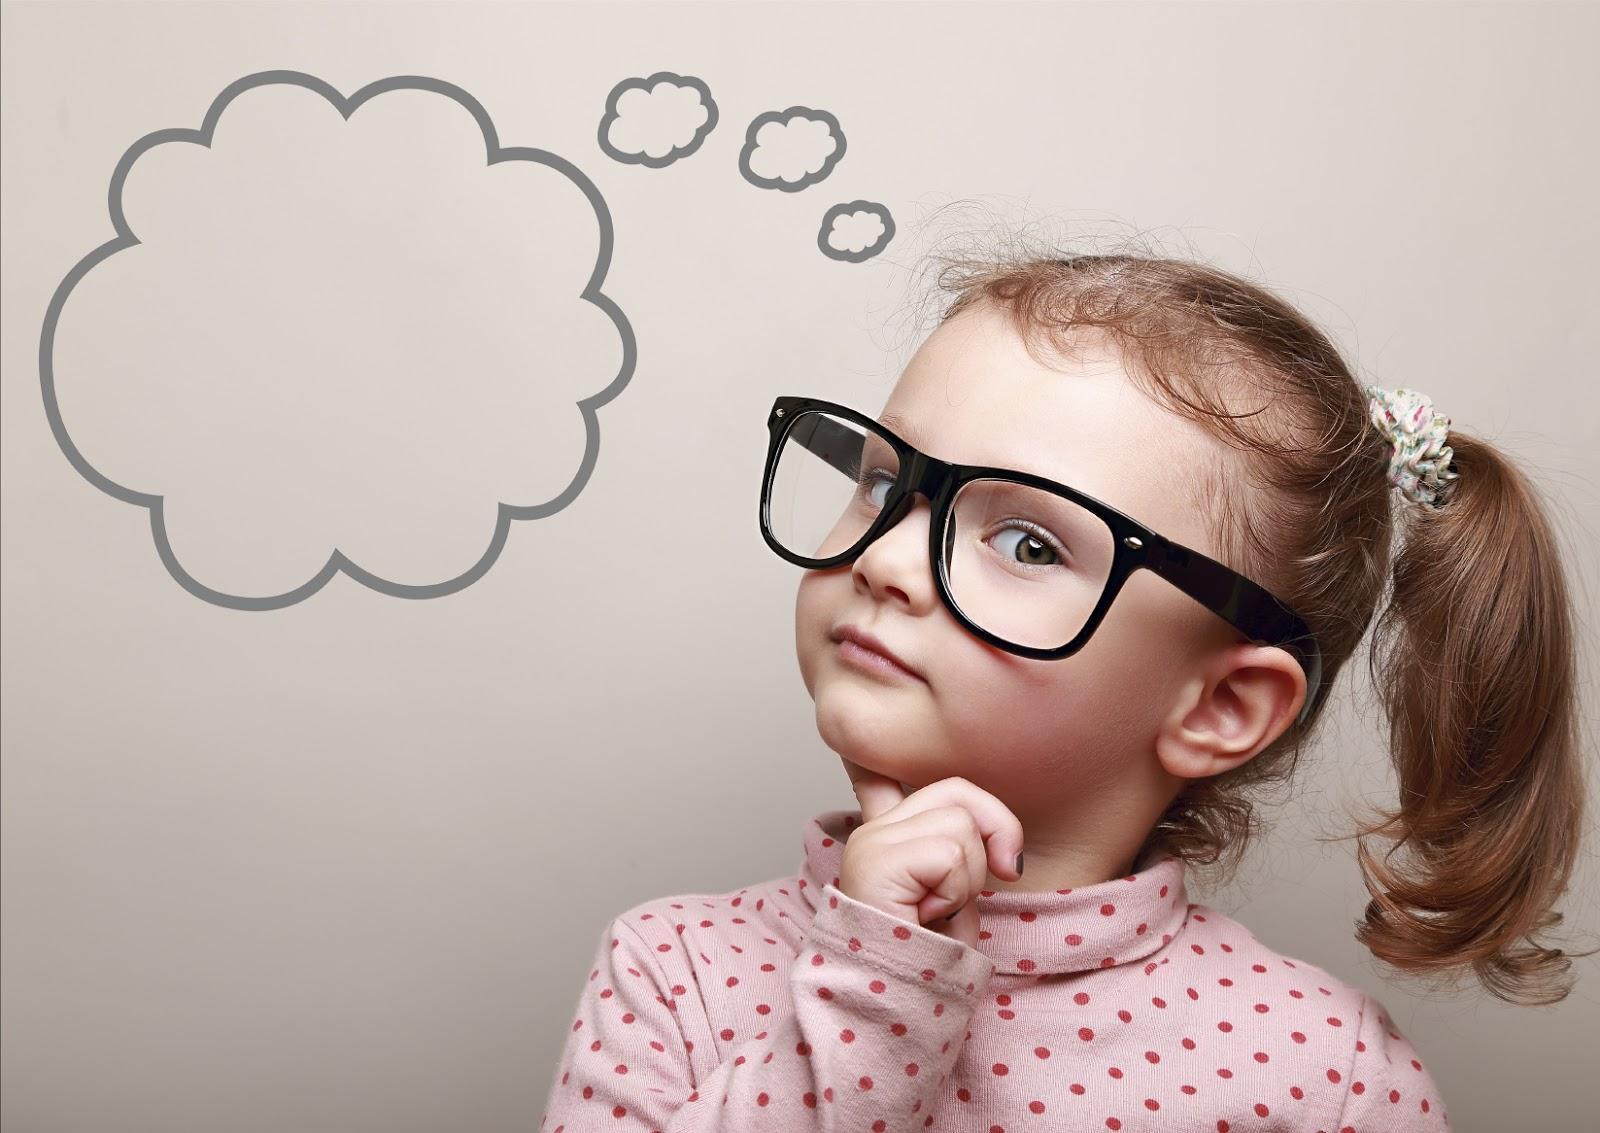 Τελικά μπορούμε να κρυφτούμε από τα παιδιά μας;Νέα έρευνα αποκαλύπτει ότι καταλαβαίνουν περισσότερα απ' όσα νομίζουμε!